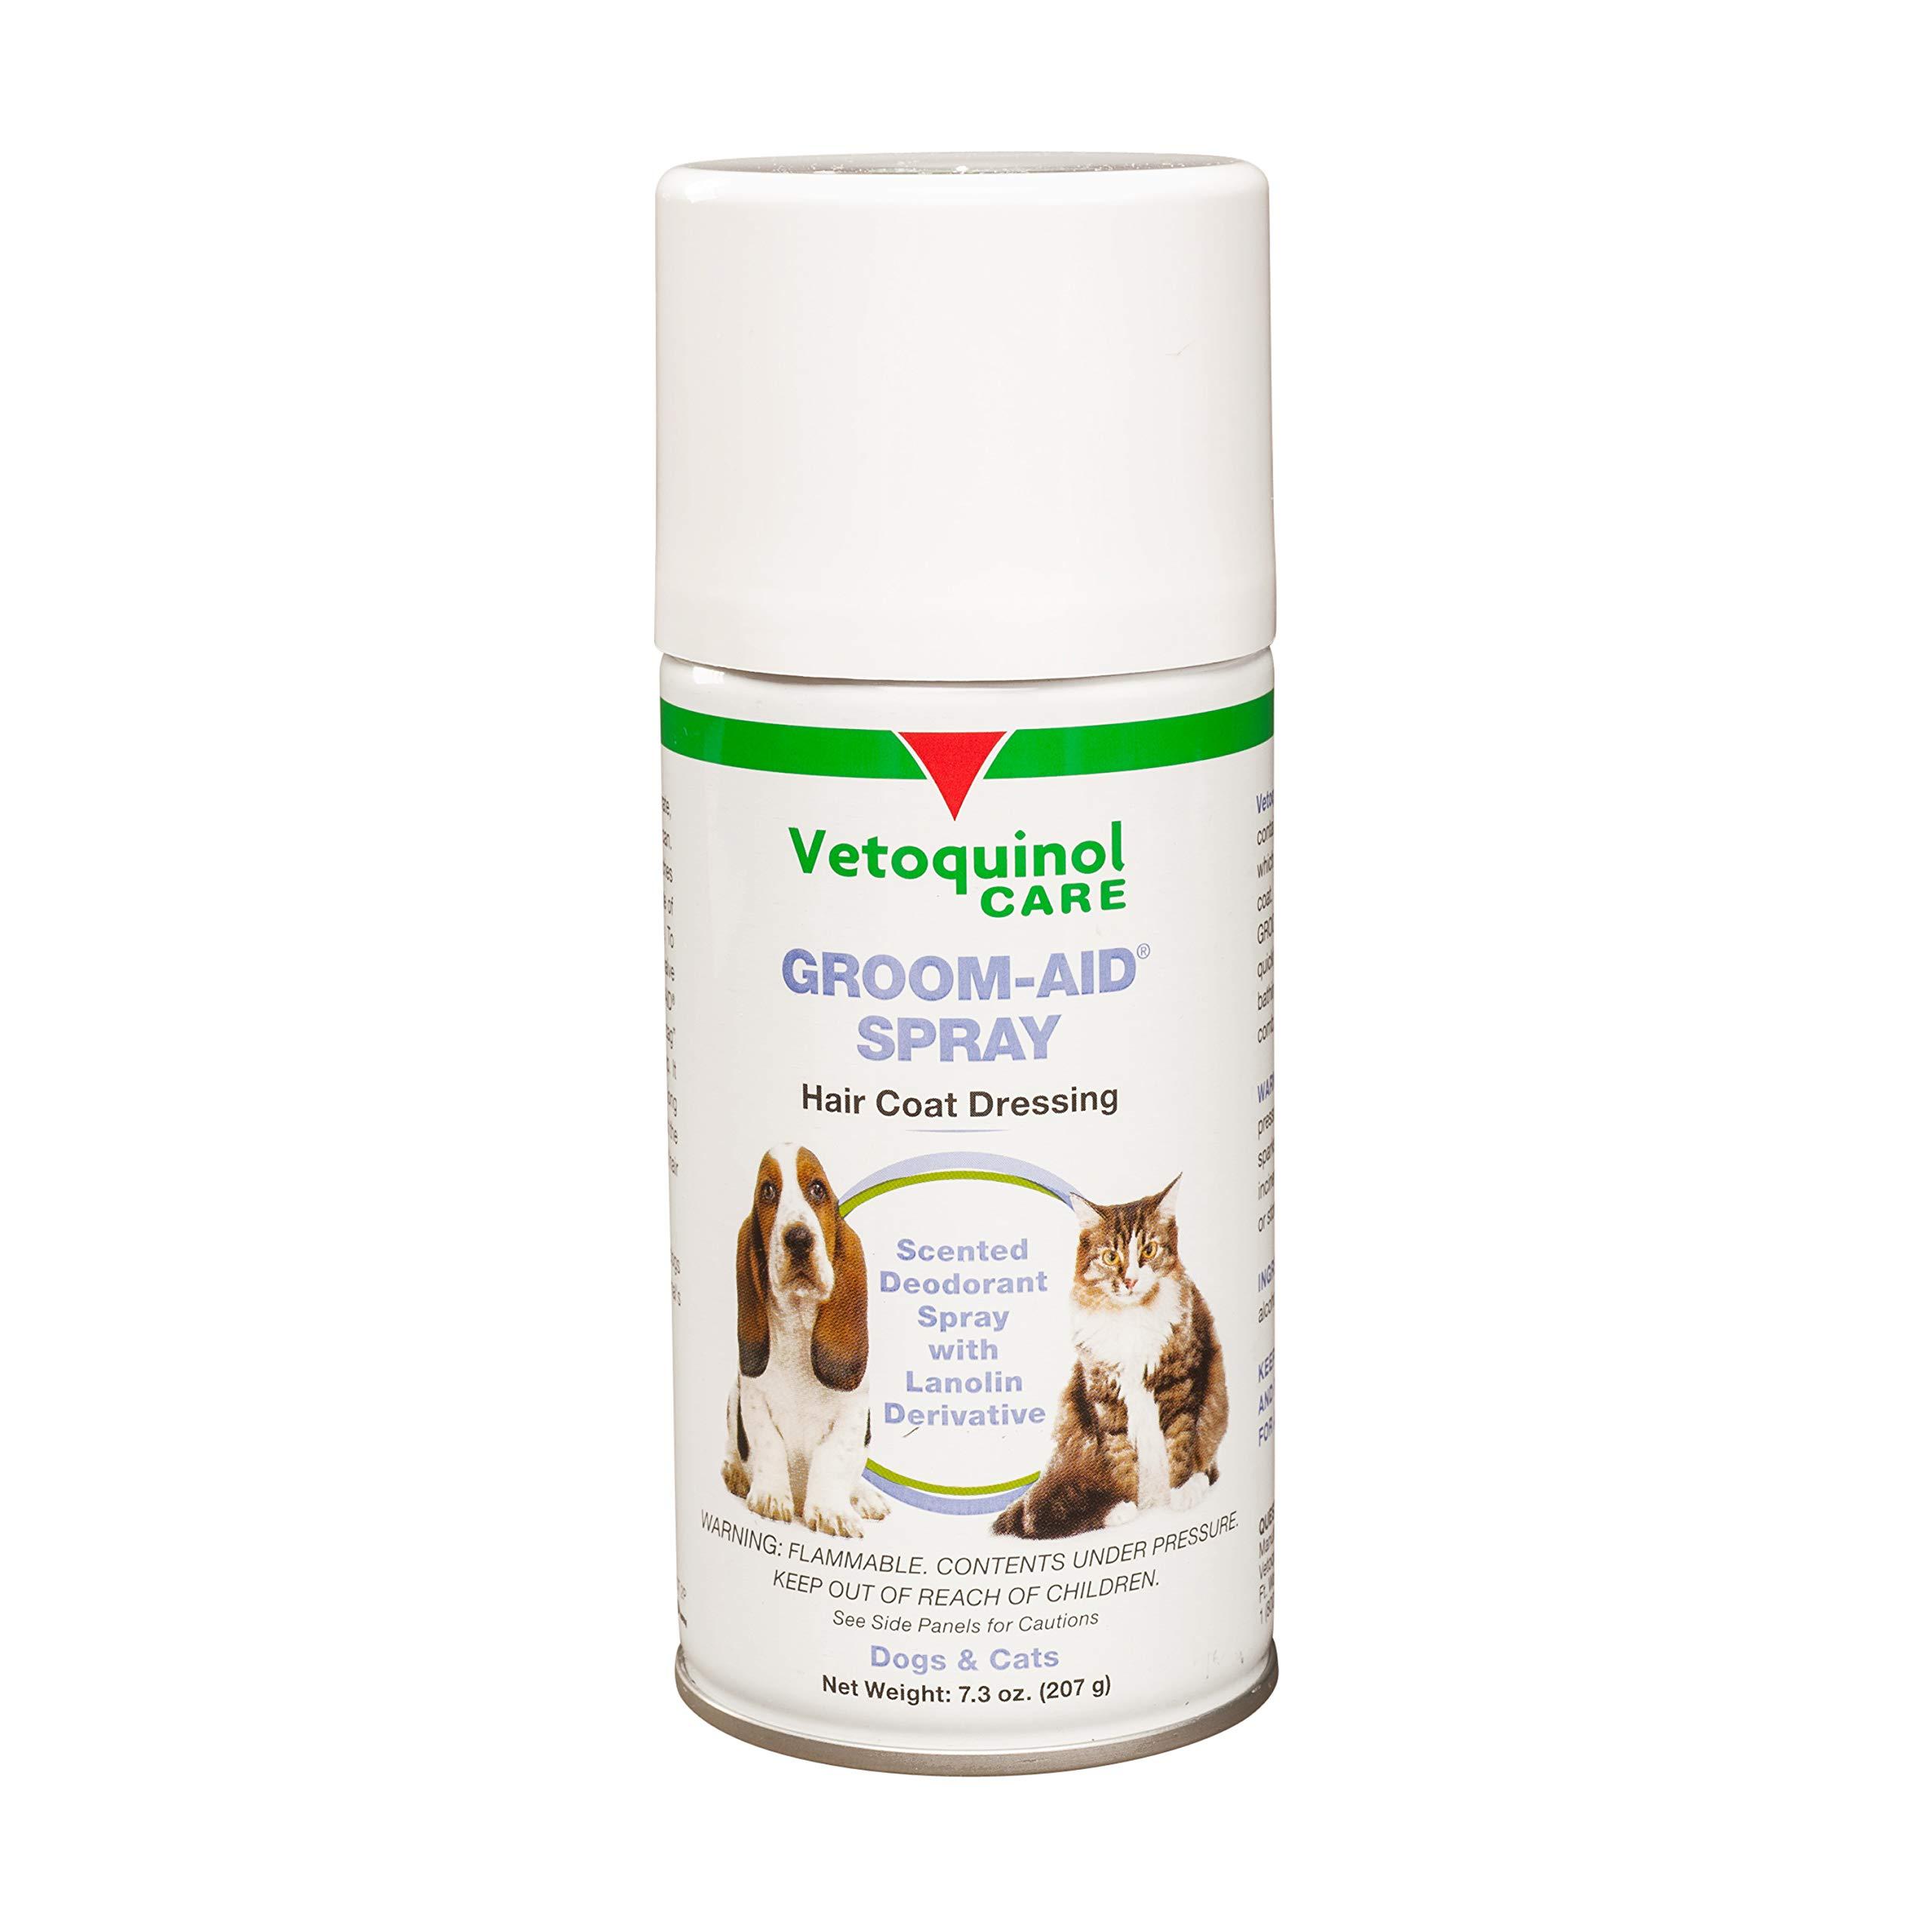 Vetoquinol 411491 Groom-Aid,7 oz by Vetoquinol